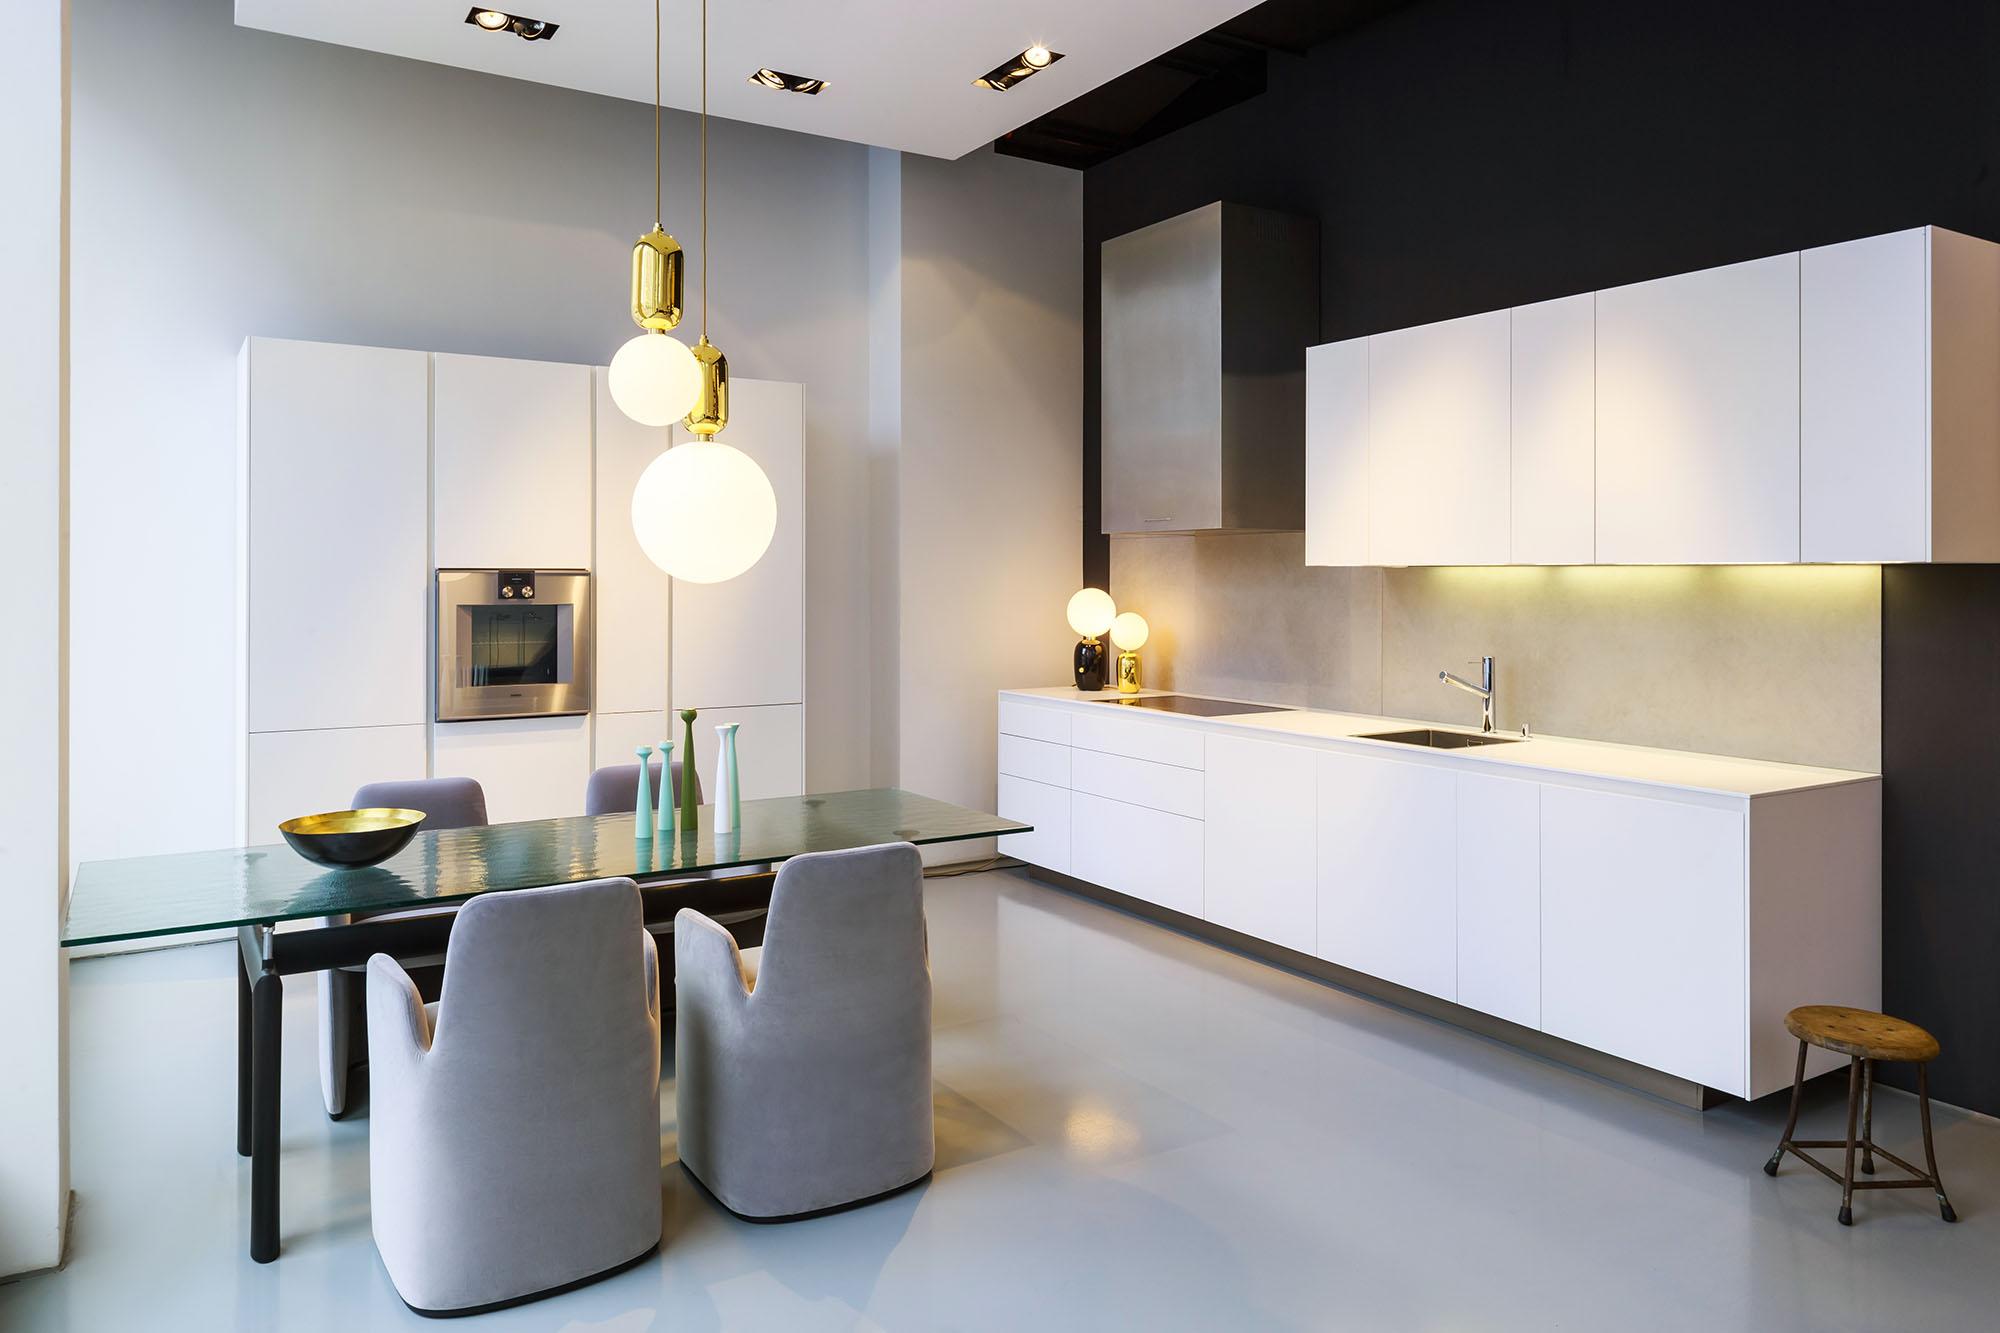 Full Size of Ausstellungsküchen 35 Rabatt Auf Ausstellungskche Von Poliform Ruby Design Living Wohnzimmer Ausstellungsküchen